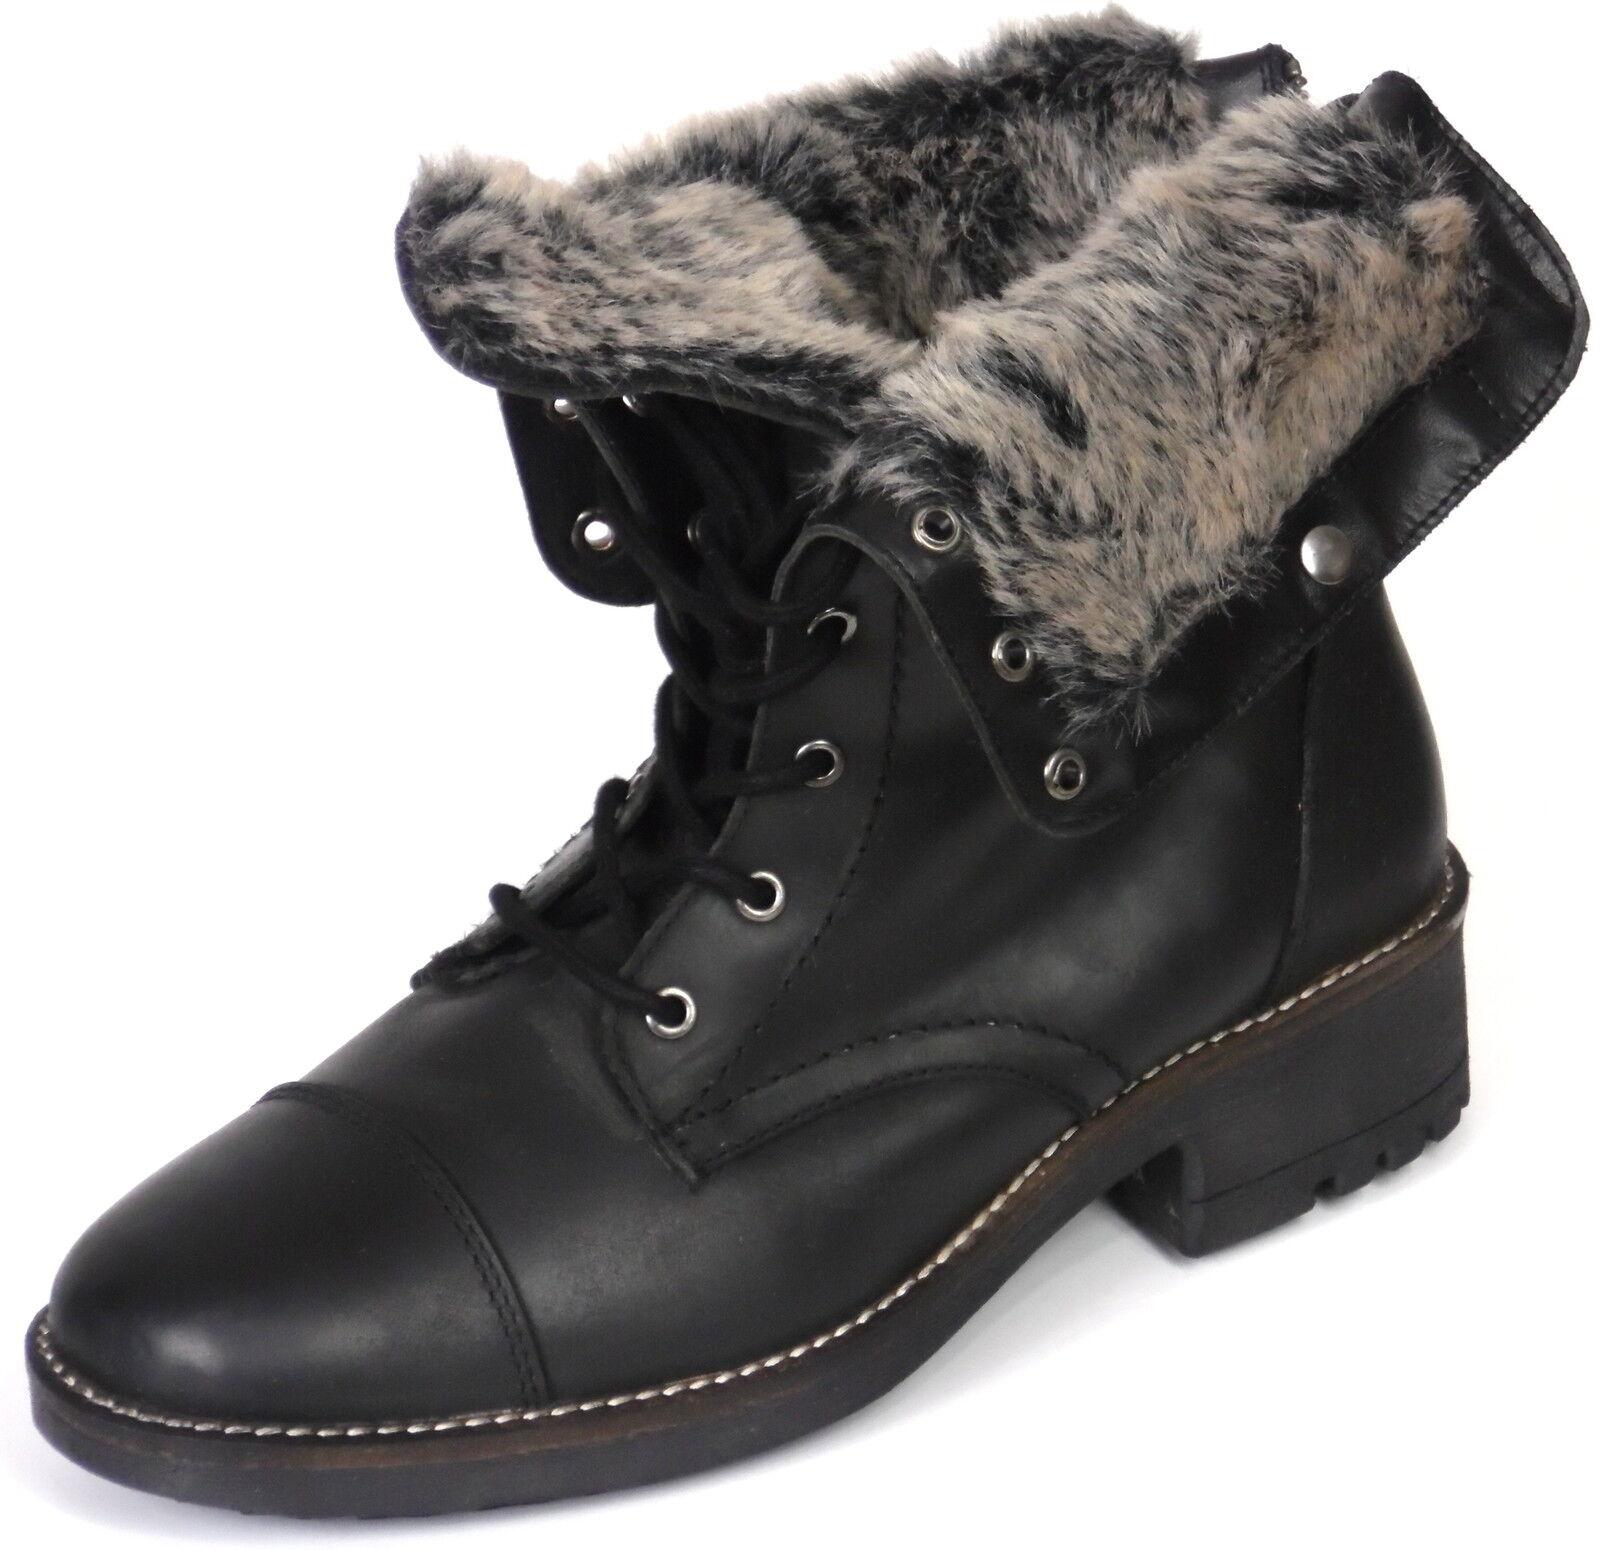 garantito REDFOOT Ladies Warm Lined stivali UVP _ _ _  pelle Scarpe da Donna Stivaletti Nero  risparmiare fino all'80%